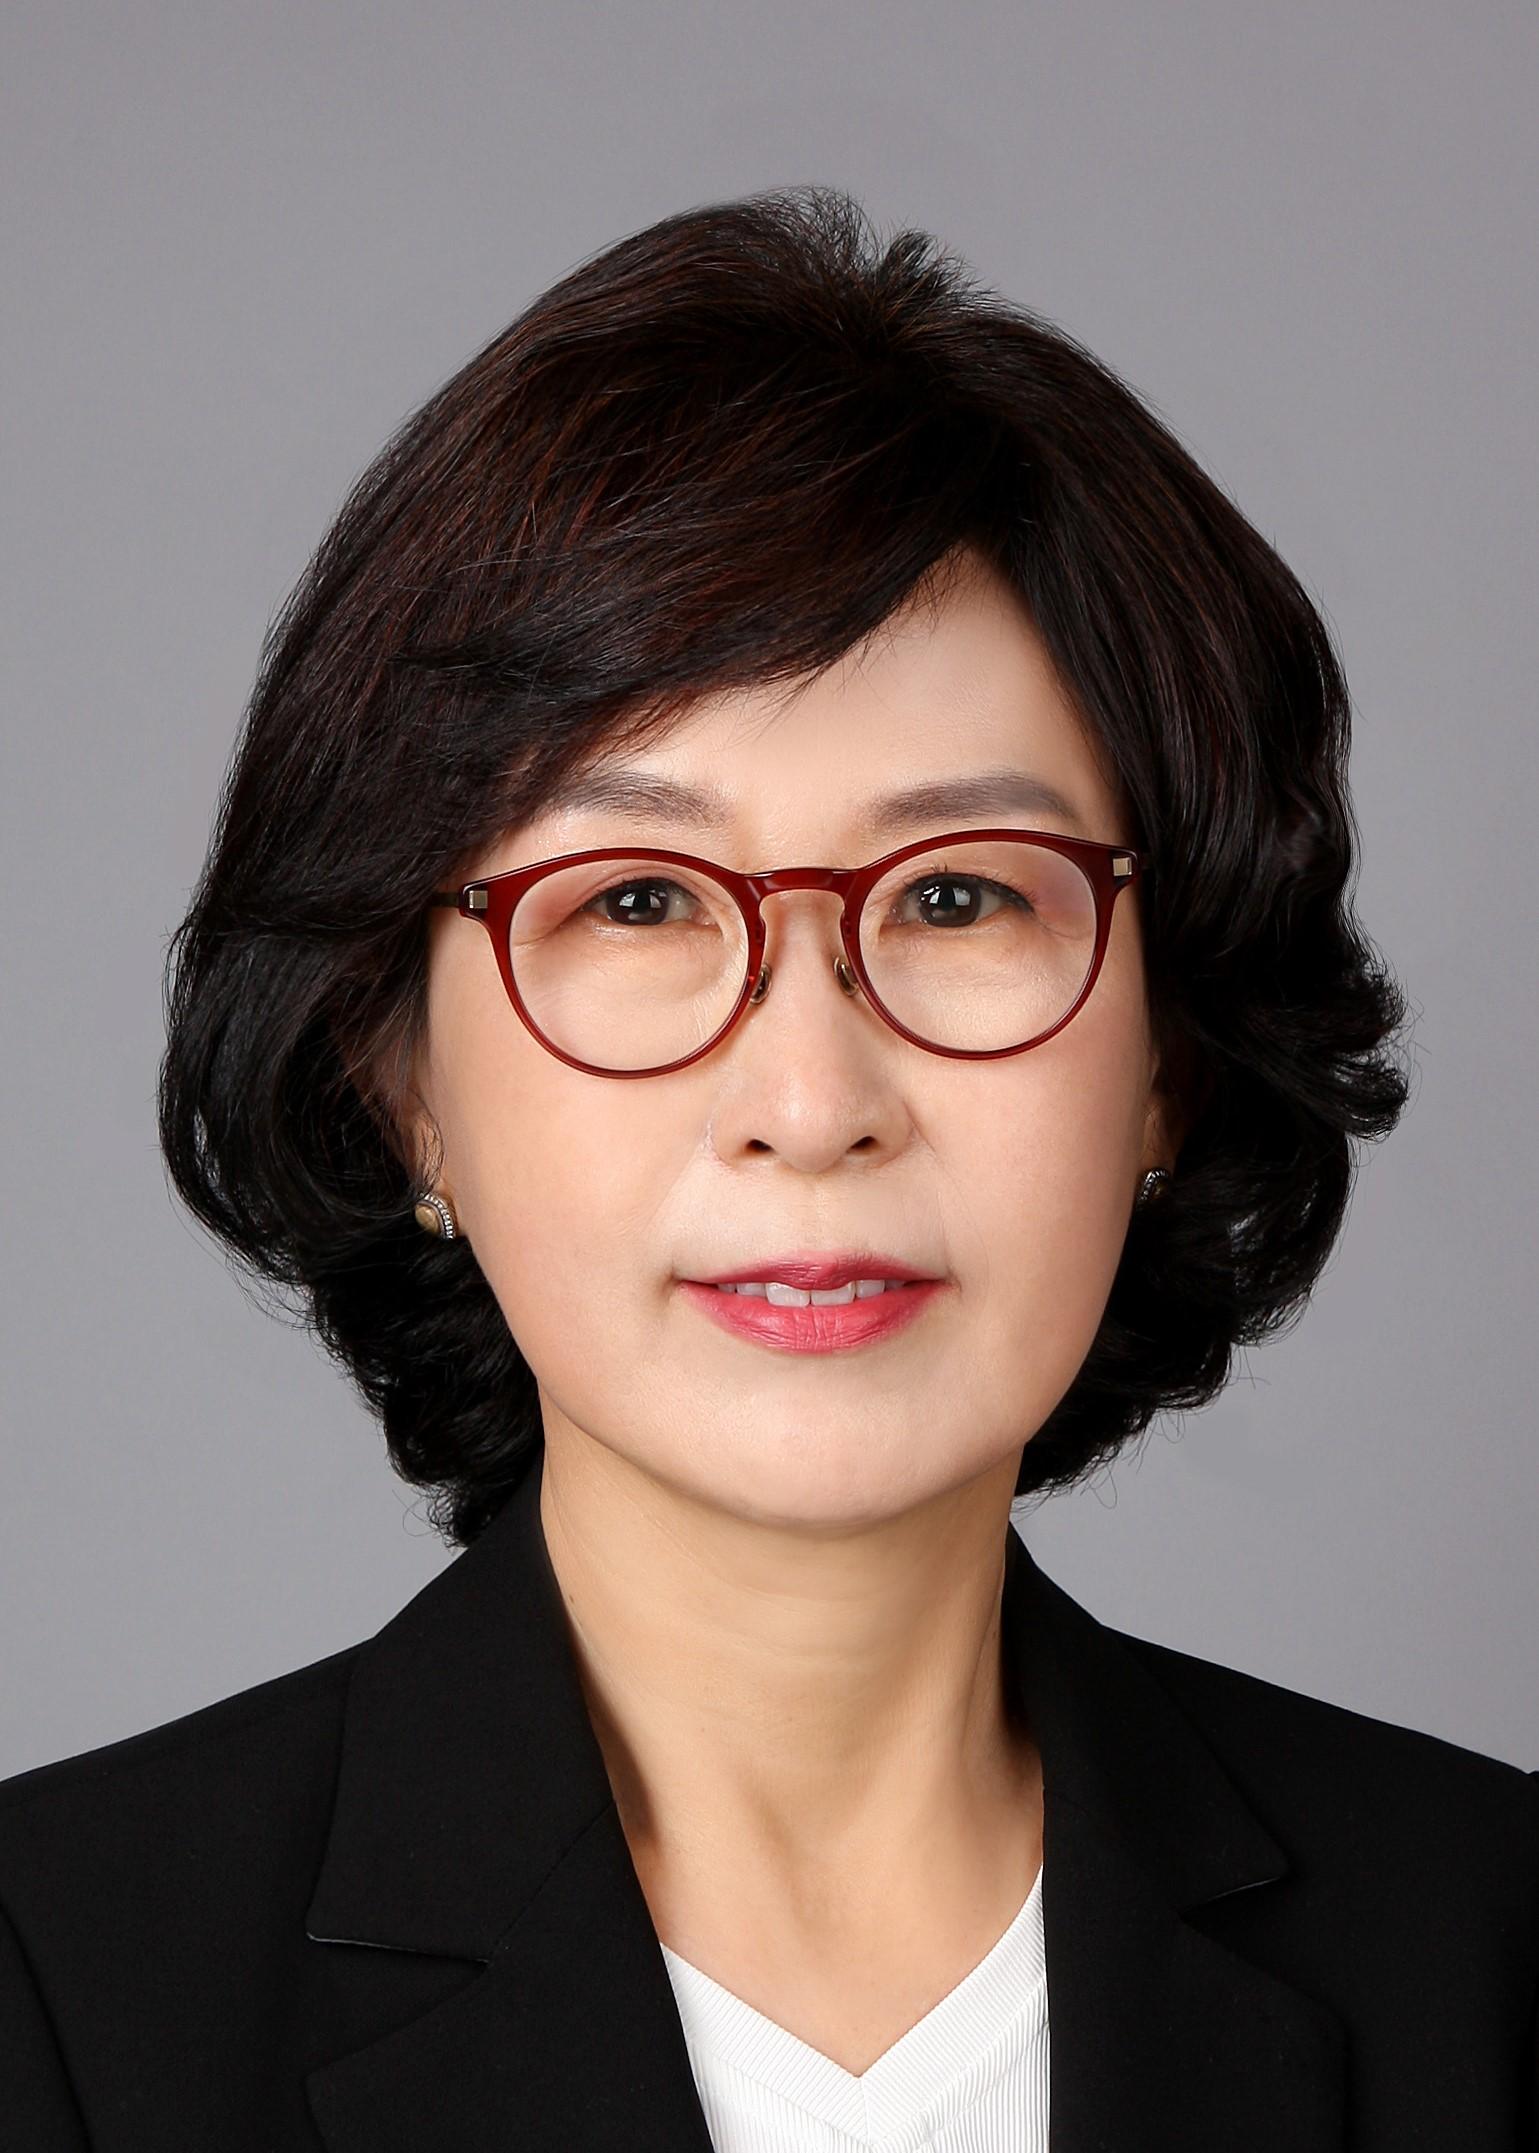 김양하 프로필 사진